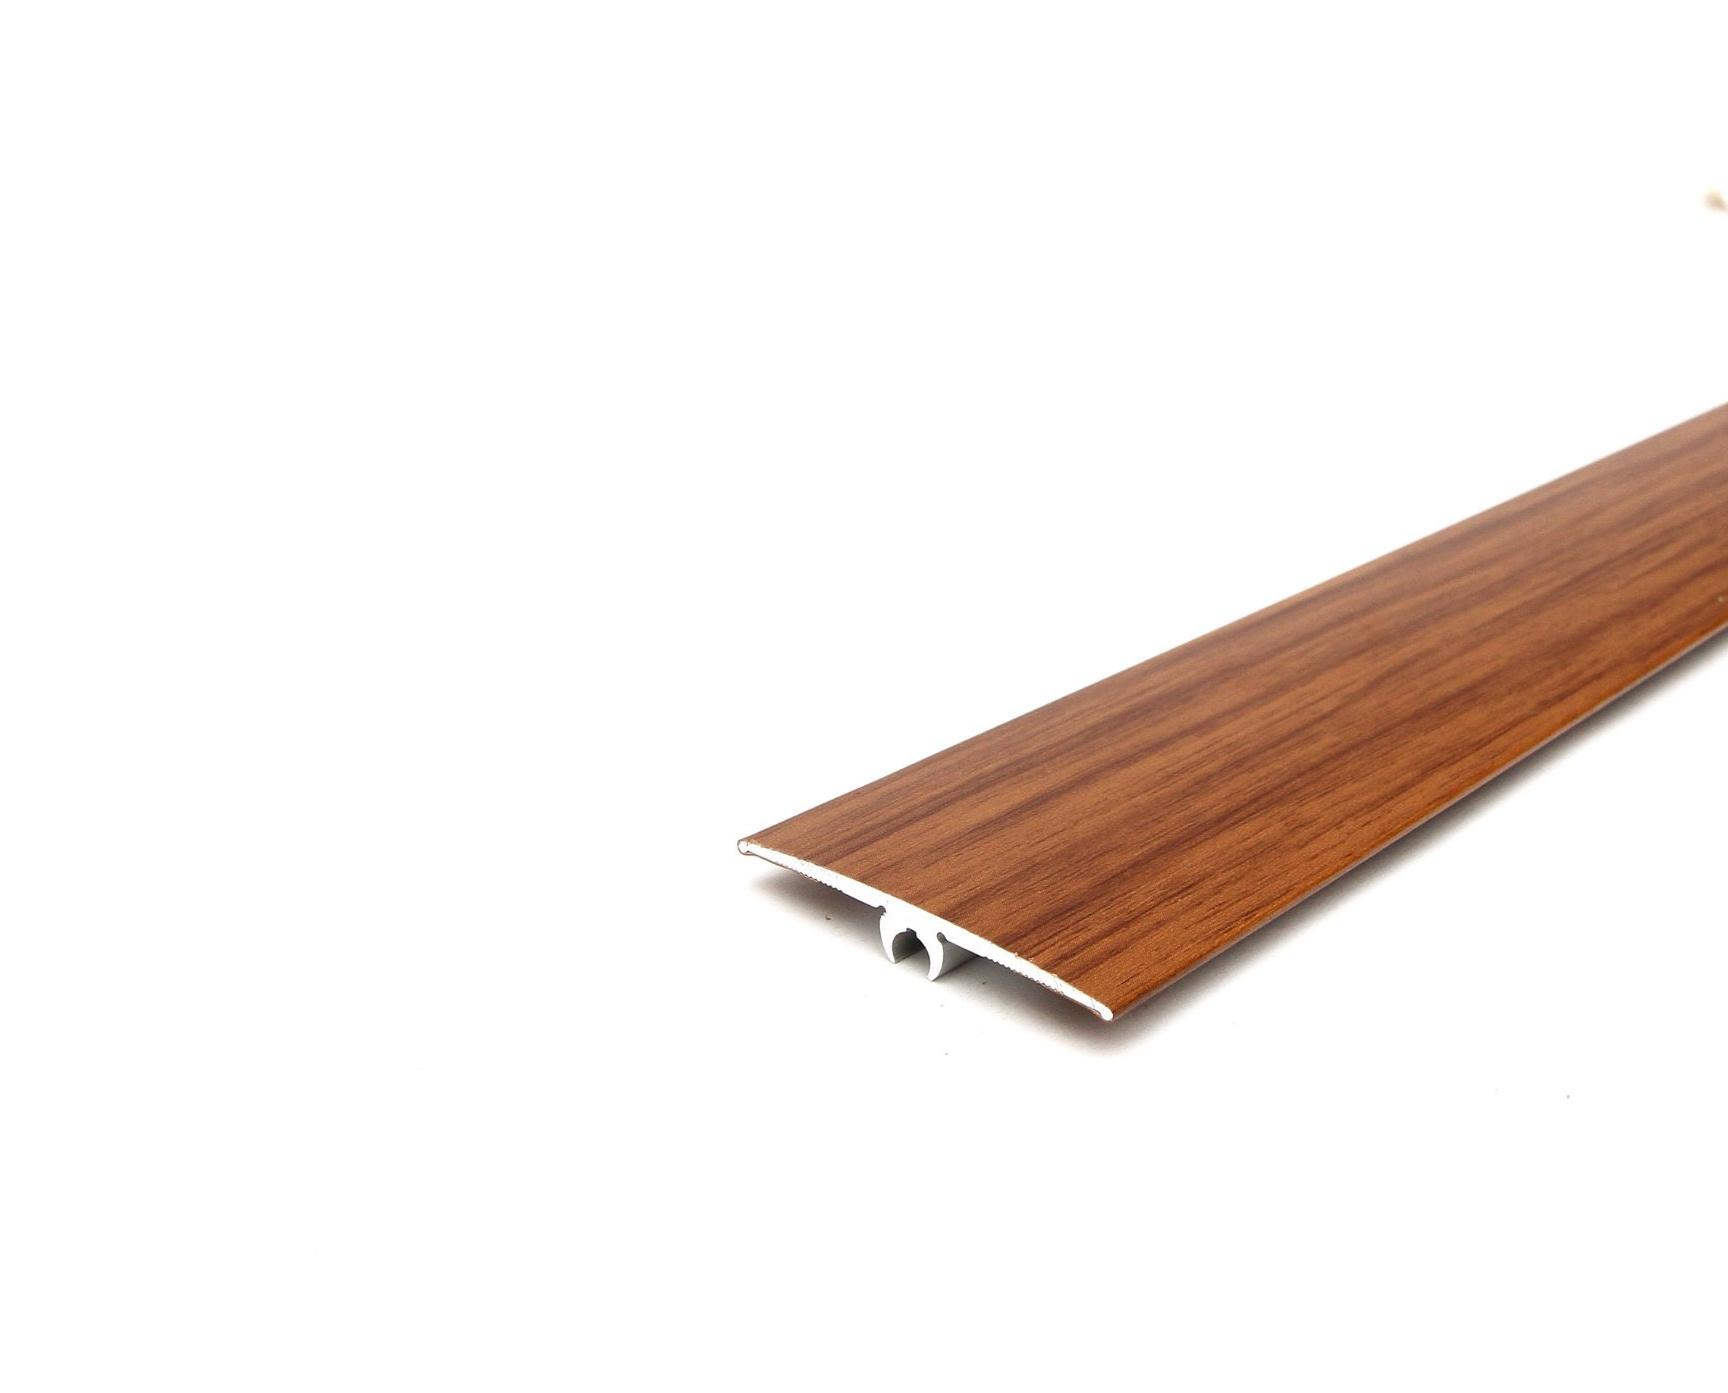 Aluminium Decorative Edge Trim For Tile